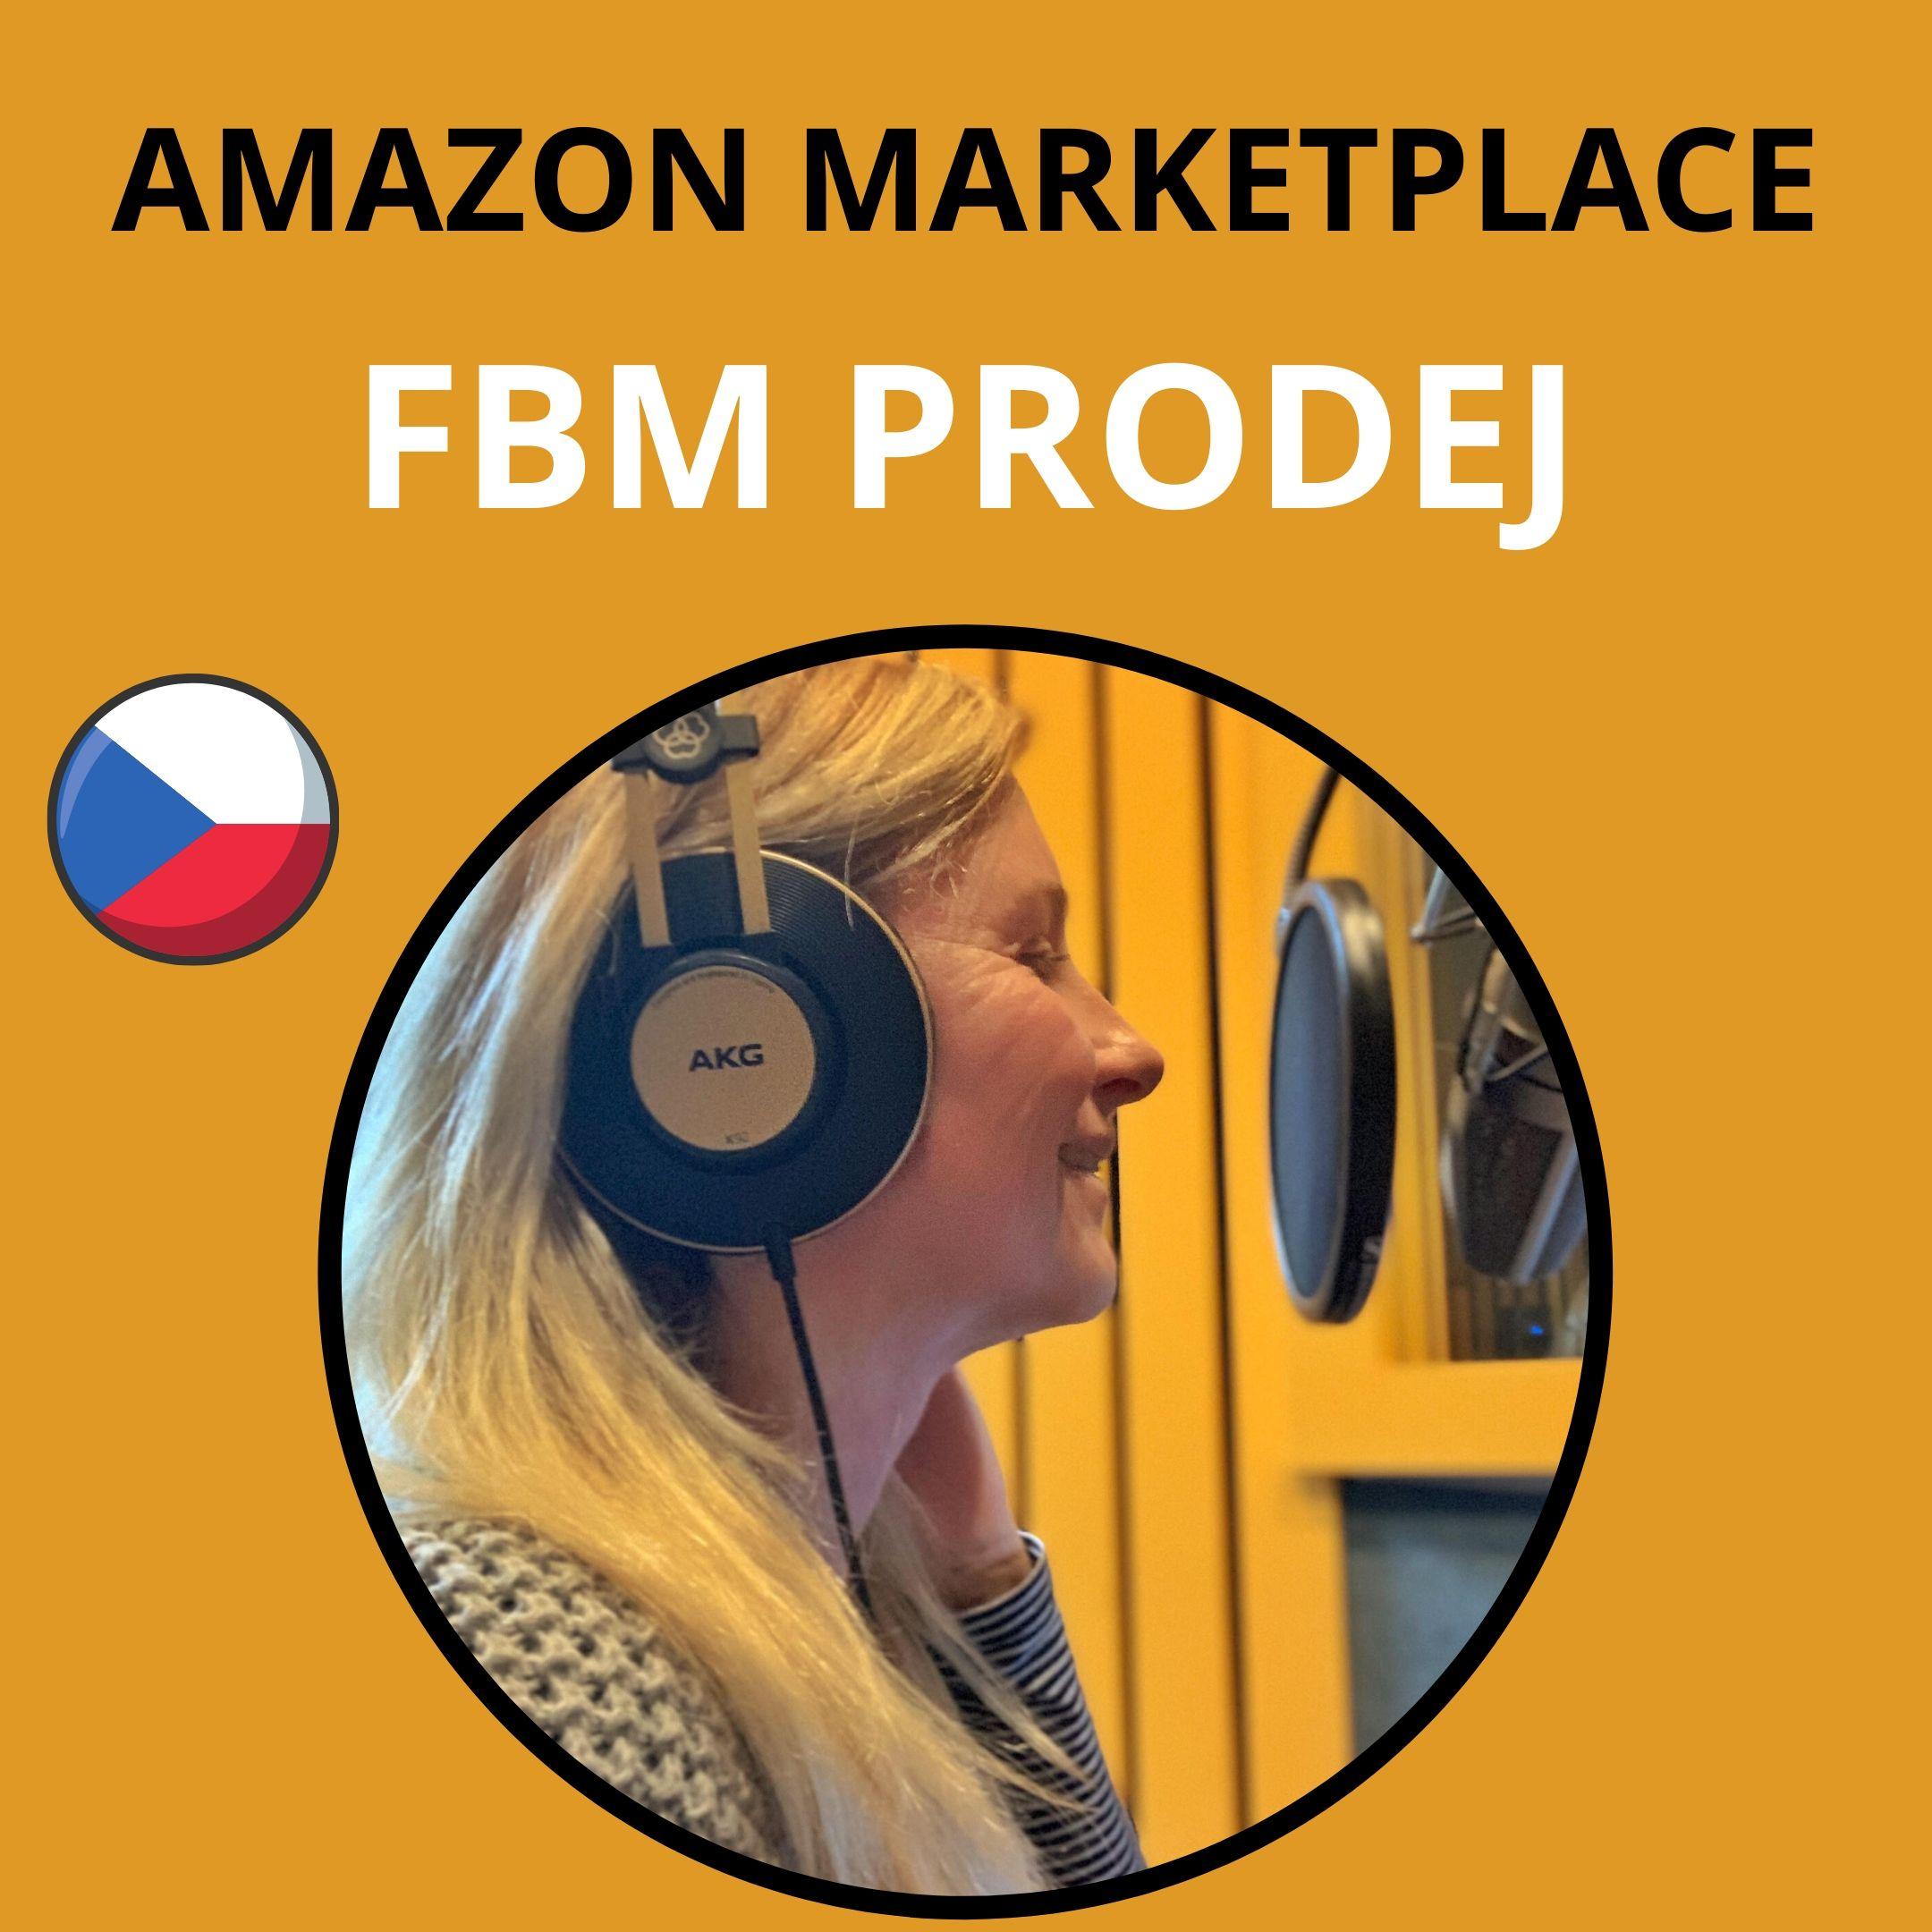 002 | Prodej na Amazonu jako FBM